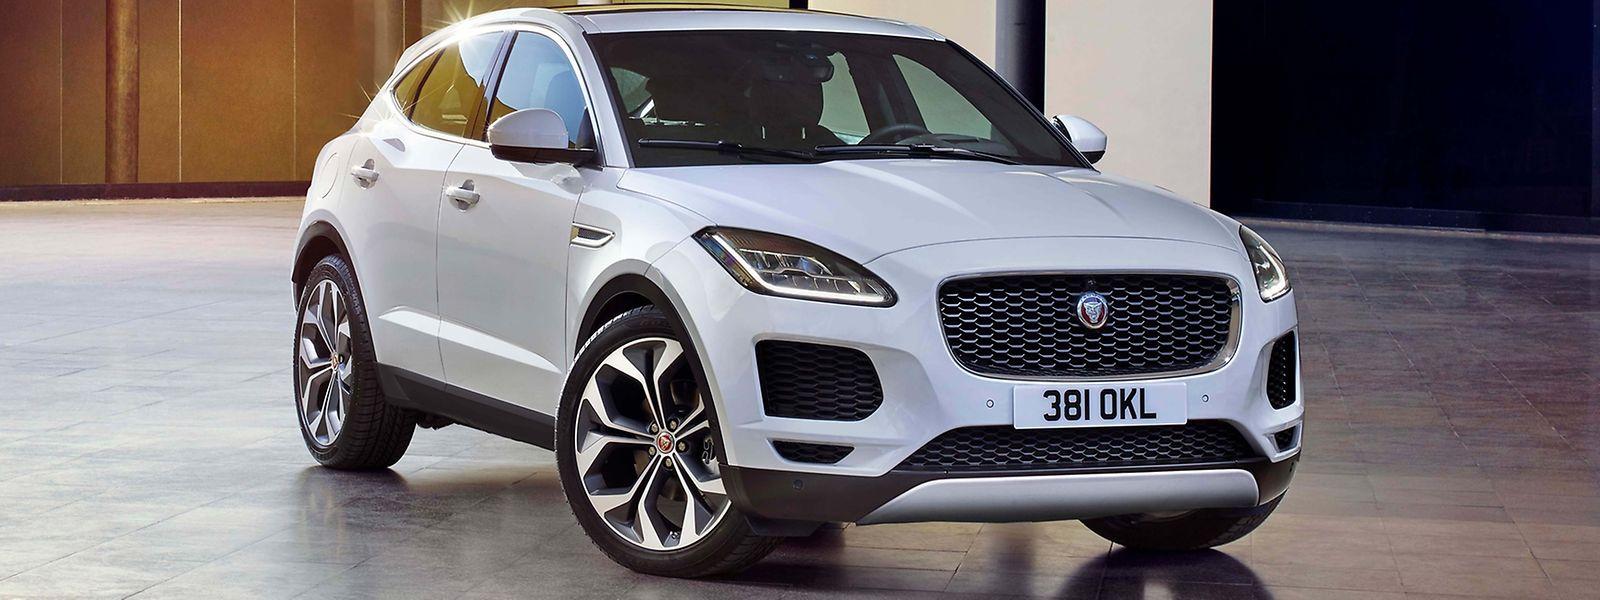 Luxus, Leistung und SUVs auf der IAA: zum Beispiel in Form des neuen Jaguar E-Pace.